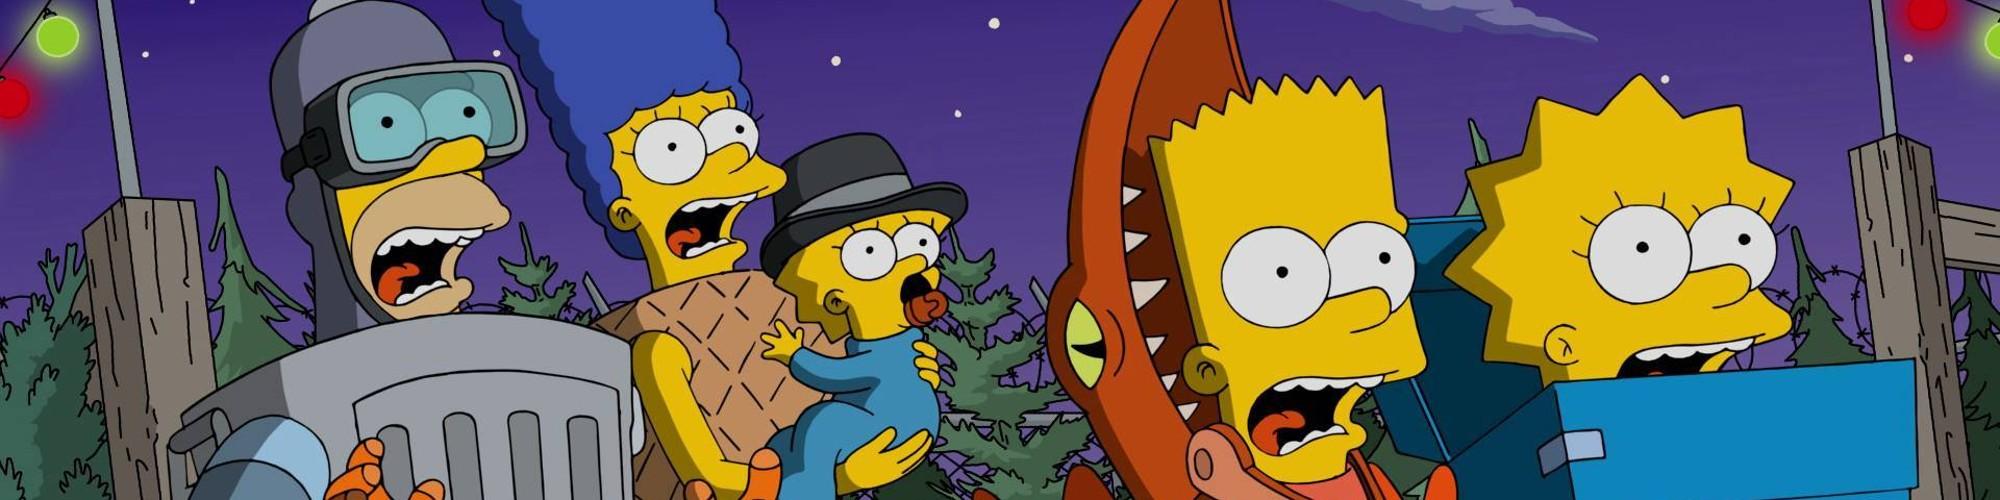 Simpsons Treehouse of Horror Hero Banner